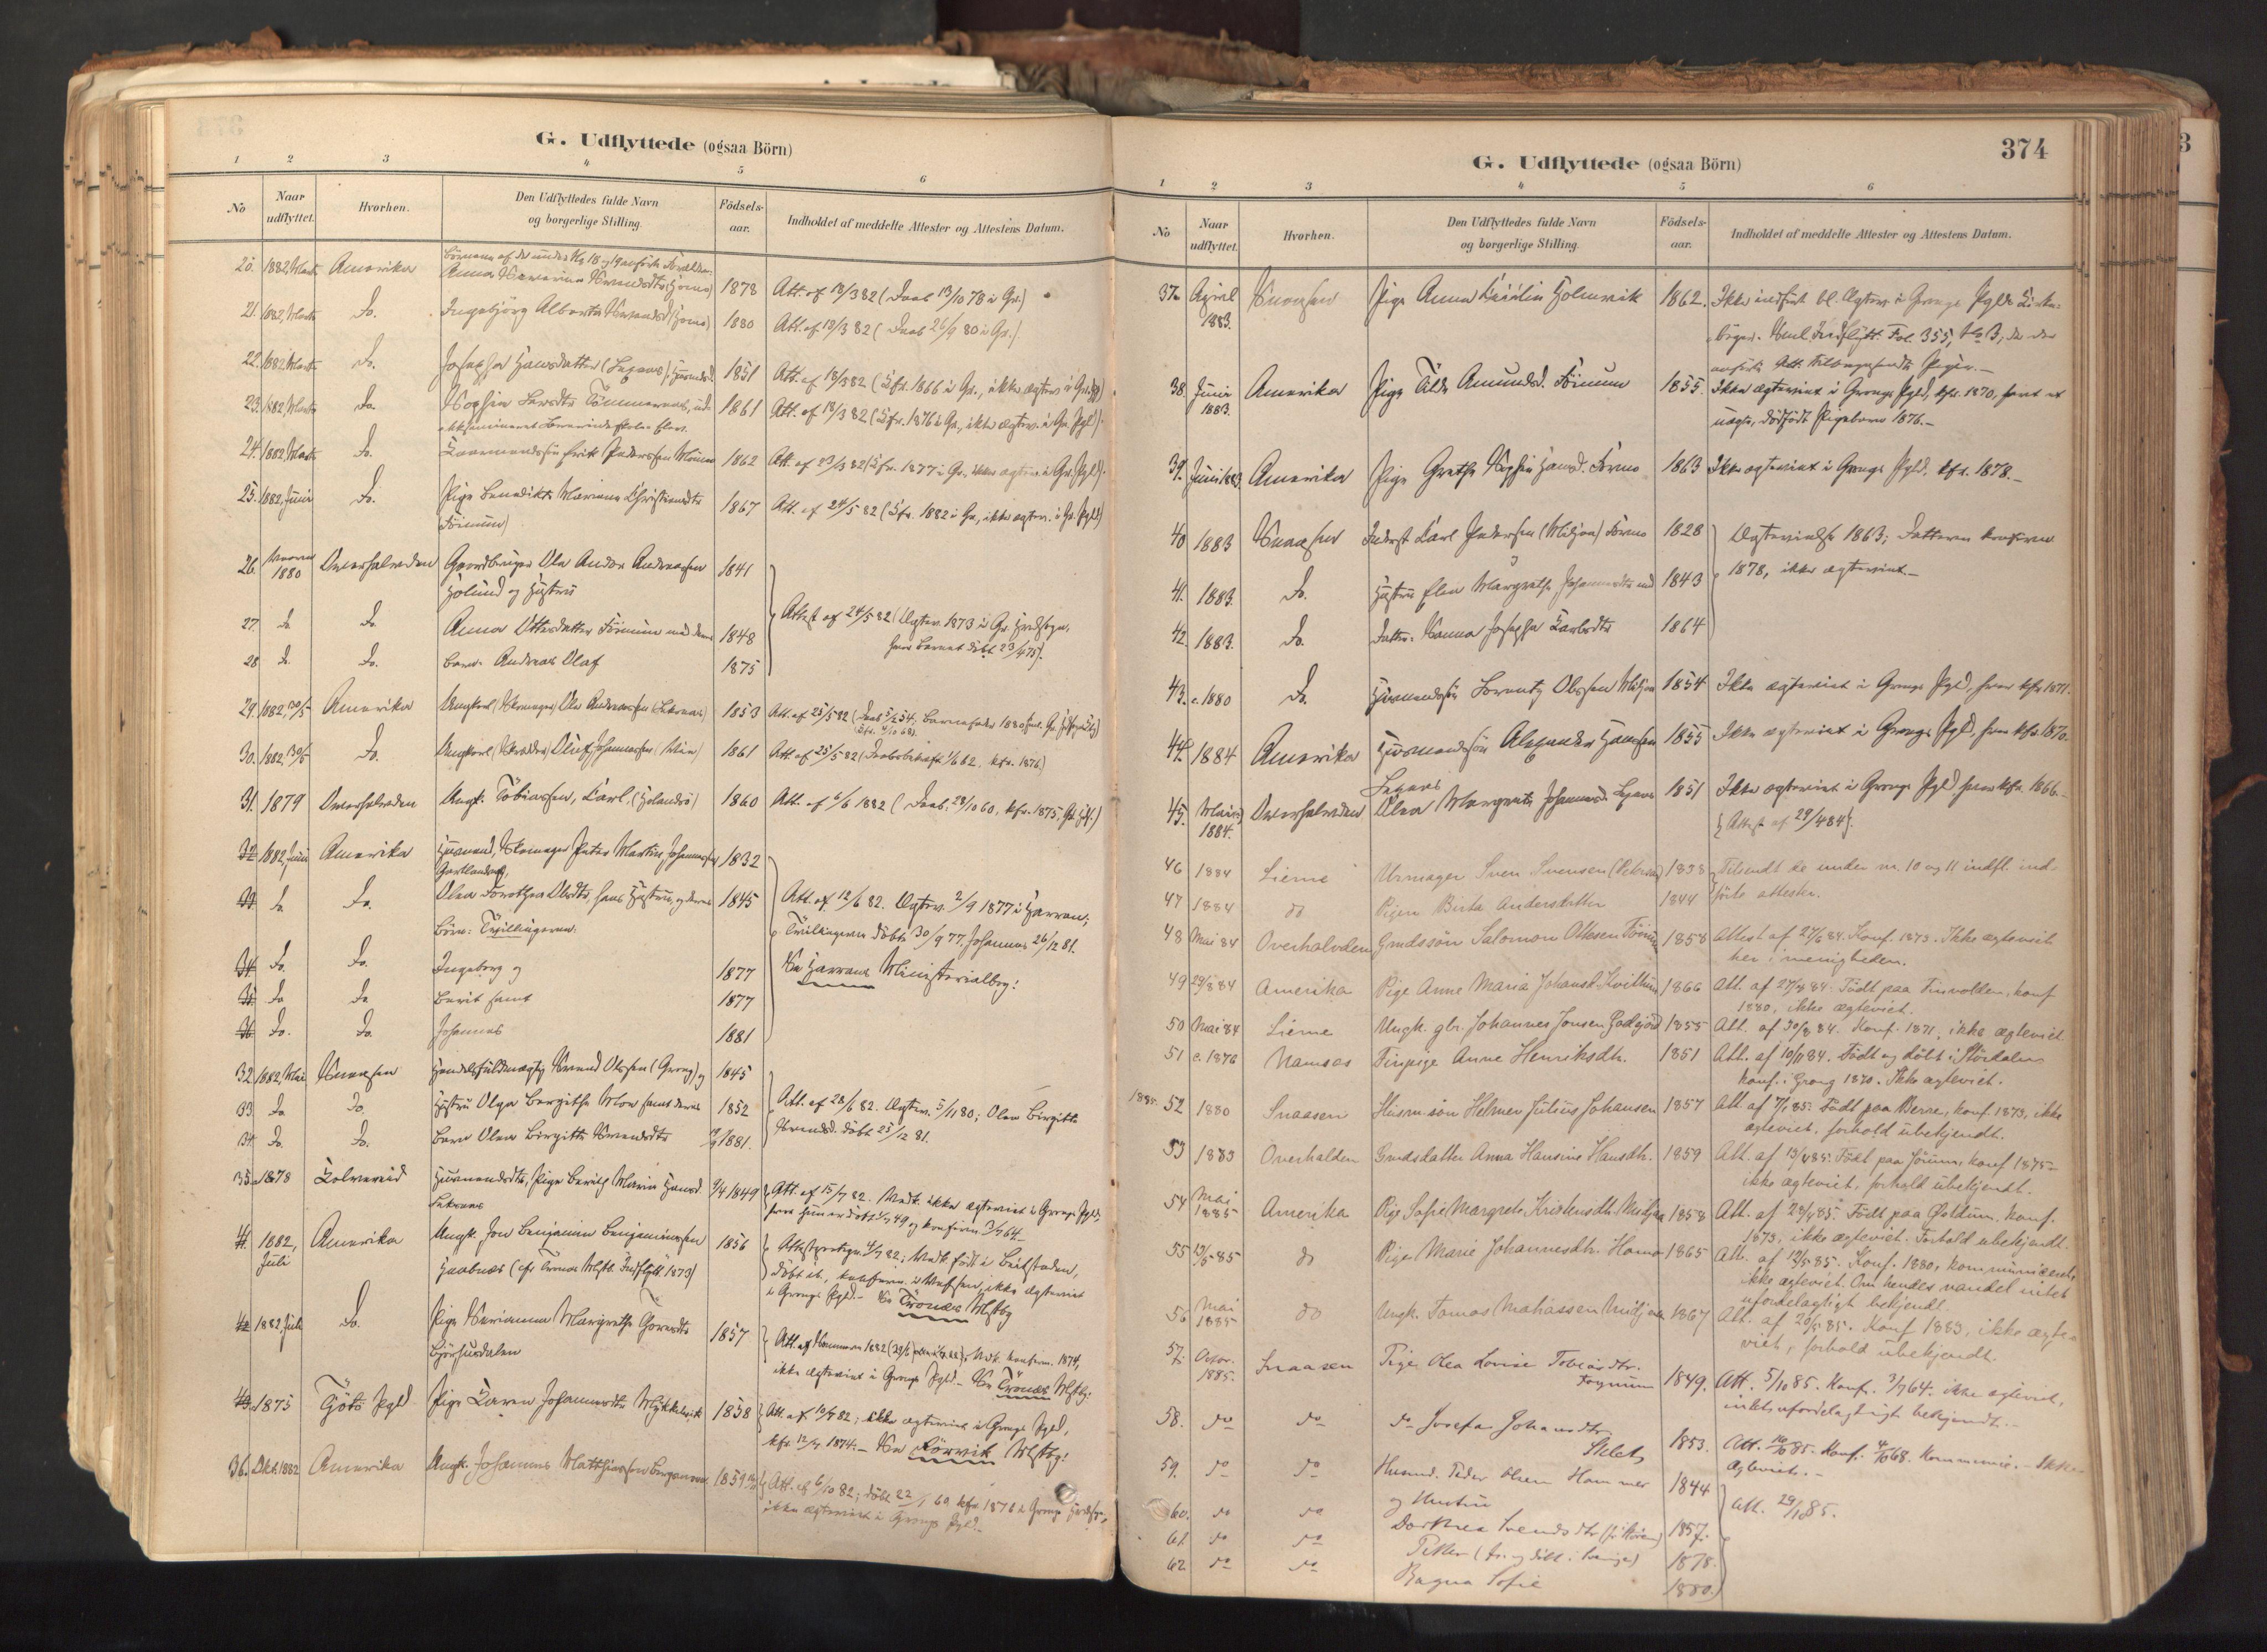 SAT, Ministerialprotokoller, klokkerbøker og fødselsregistre - Nord-Trøndelag, 758/L0519: Ministerialbok nr. 758A04, 1880-1926, s. 374